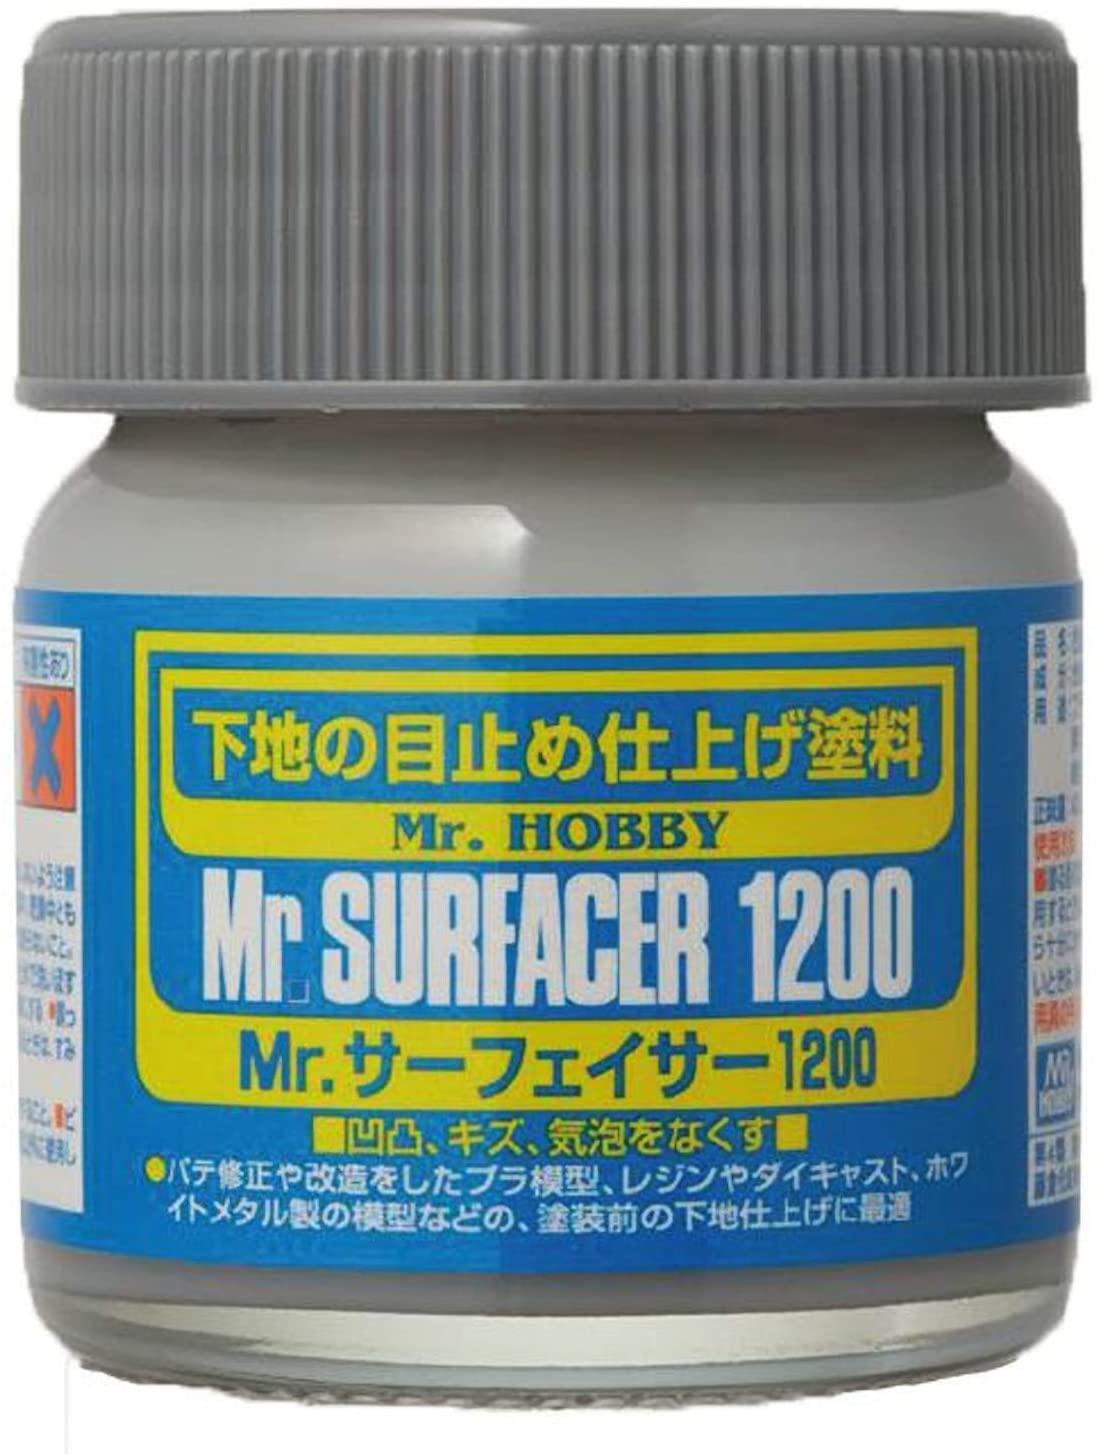 Mr Hobby Mr Surfacer 1200